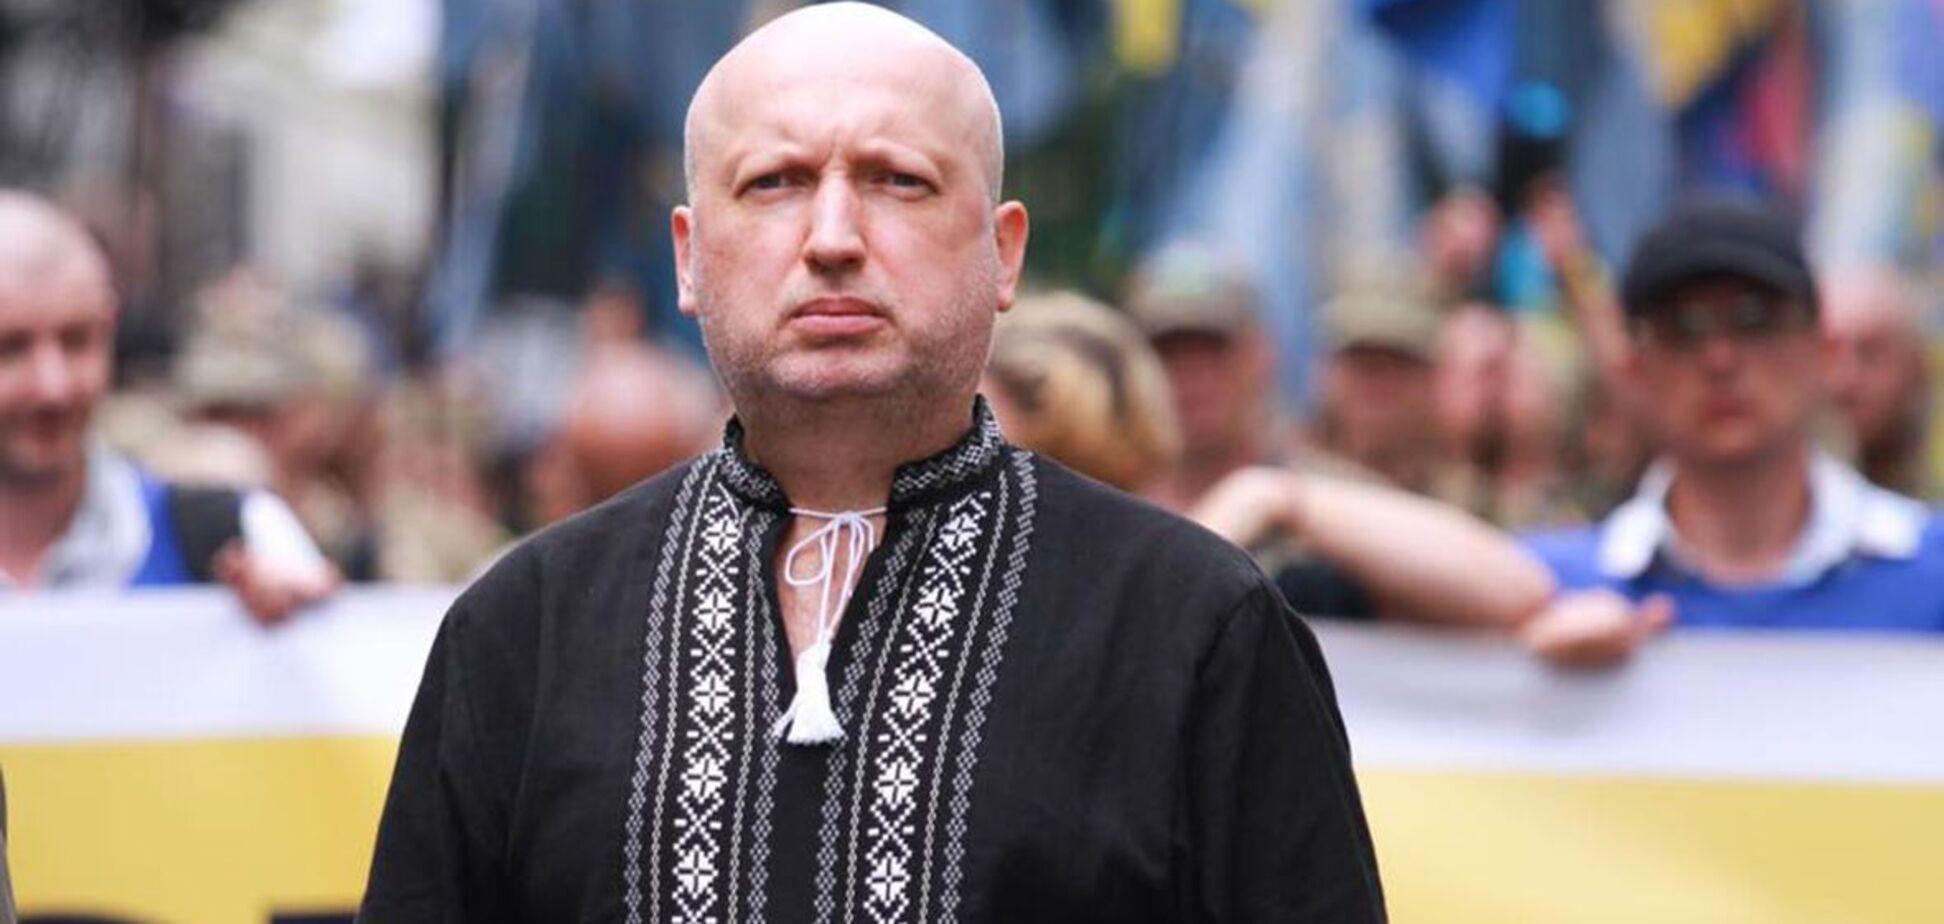 Александр Турчинов сообщил, что 'ЕС' получила один из лучших результатов среди политических сил